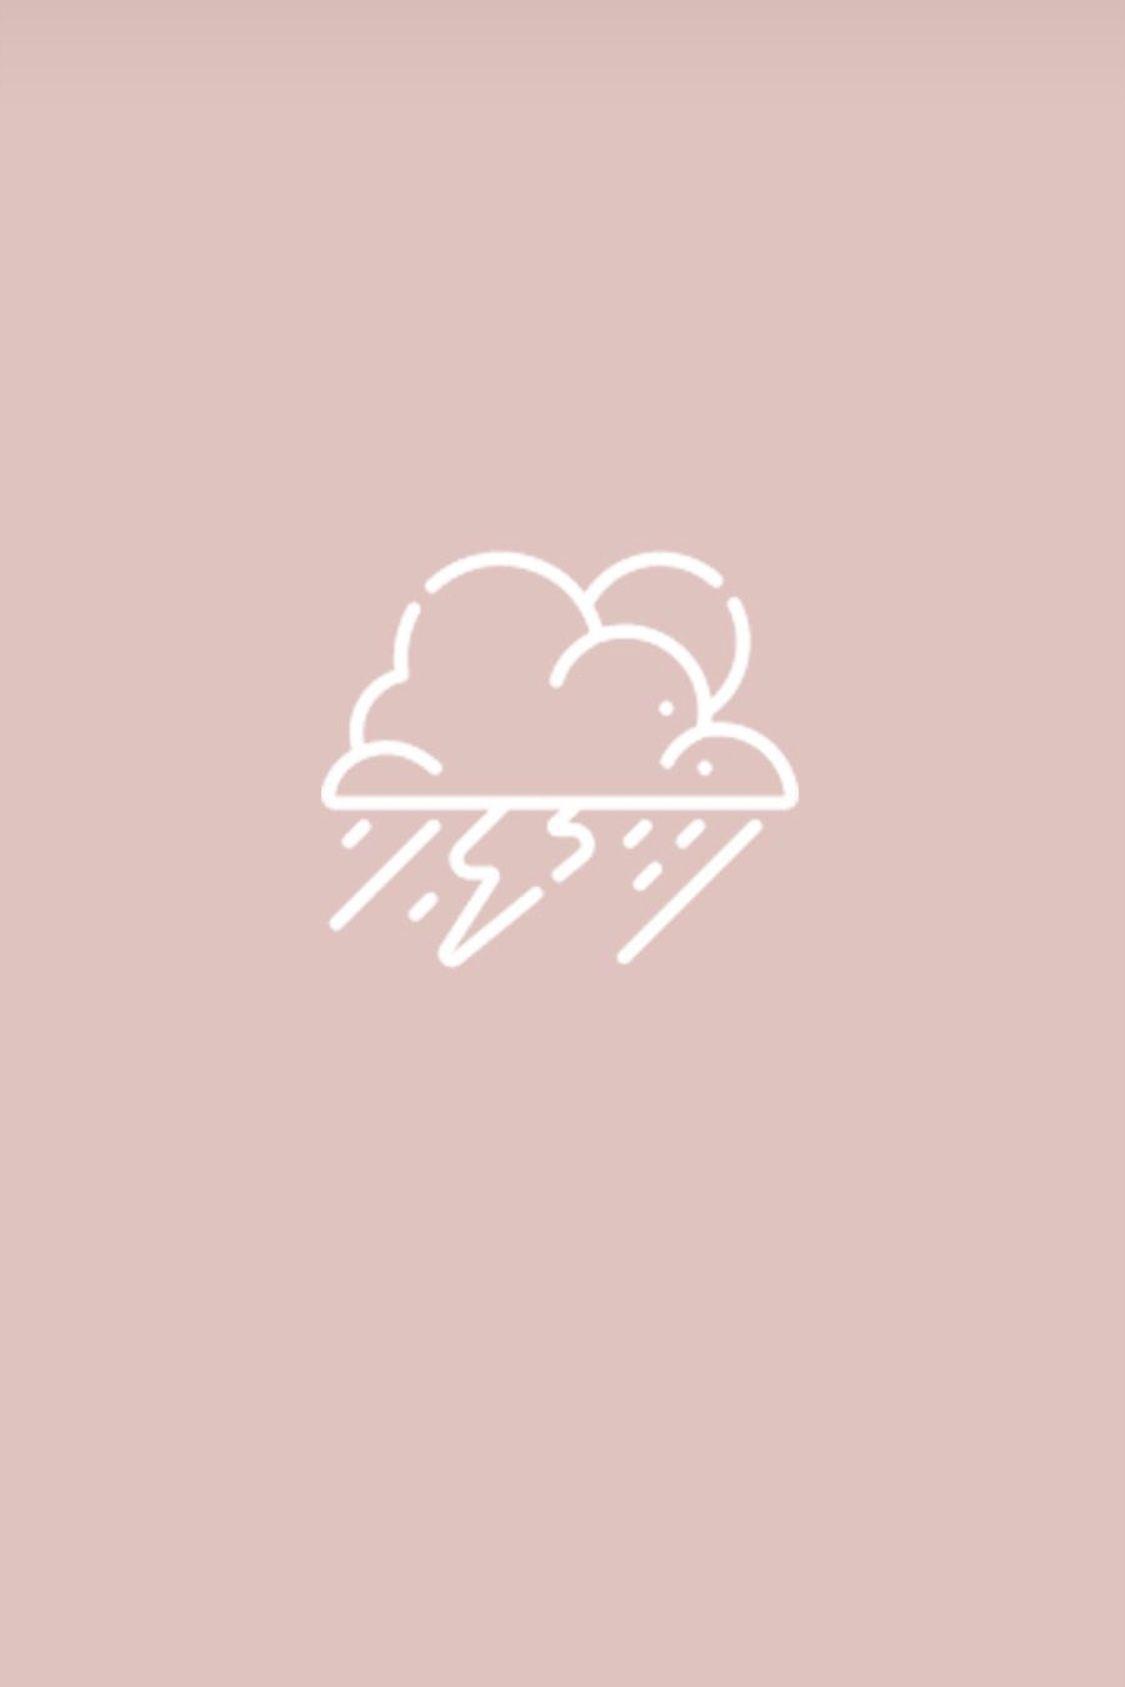 Natali Godovalova Natali Godovalova Foto I Video V Instagram Cute App App Icon Design Instagram Story App